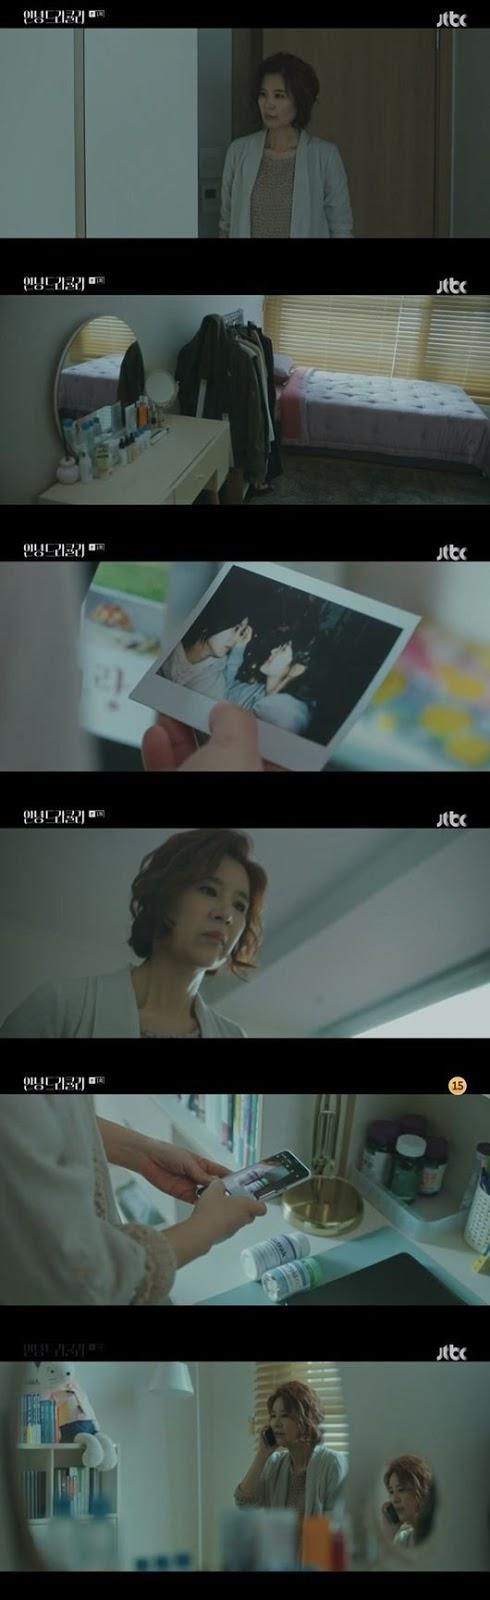 Seohyun 'Hello Dracula' dizisinde lezbiyen bir karakteri canlandırıyor